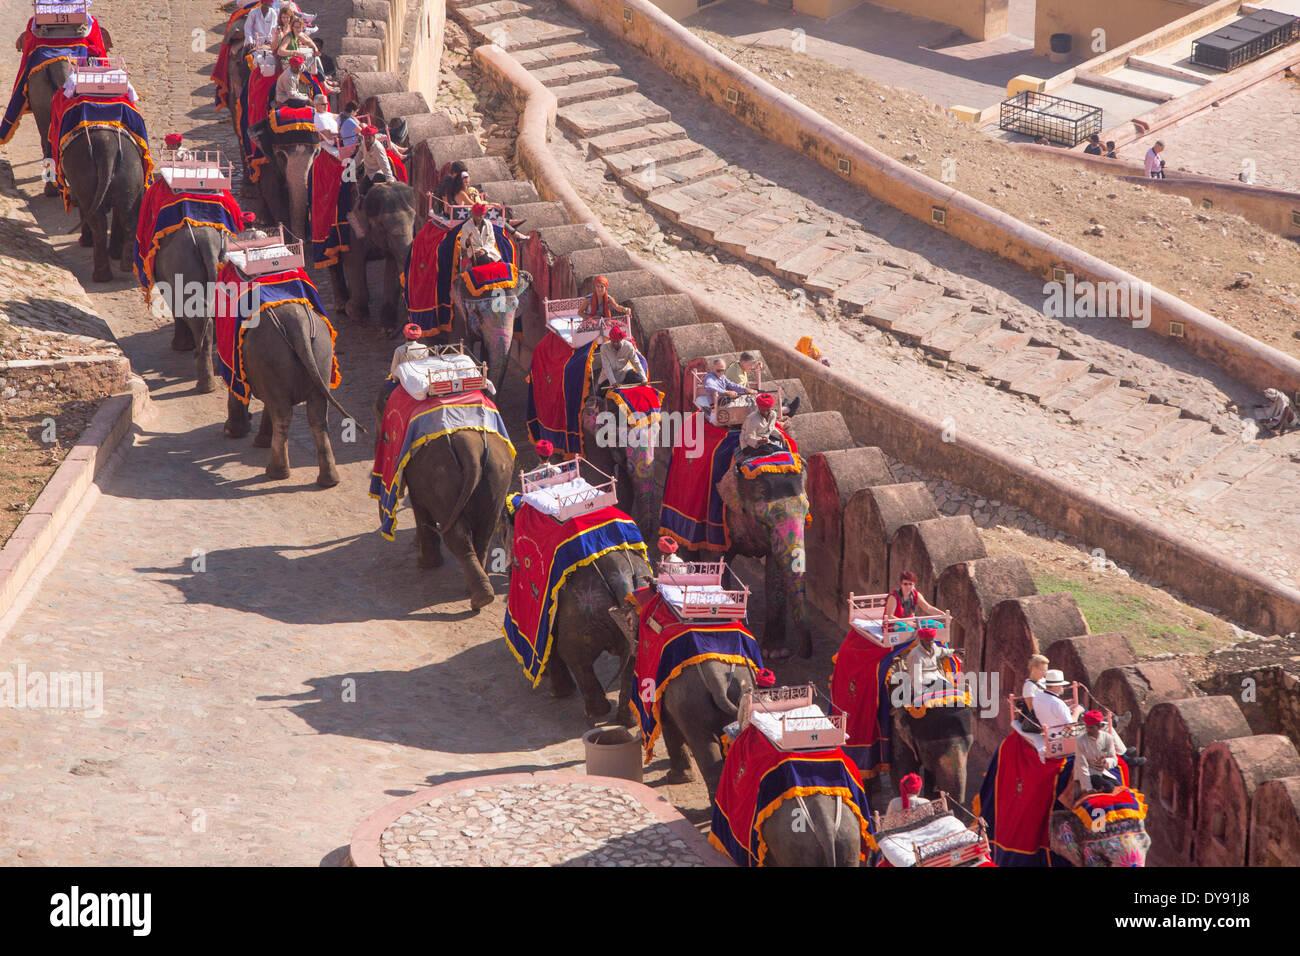 Tourists, ride, fort, Amber, elephant, Asia, India, elephant, Rajasthan, Amber, Jaipur, - Stock Image